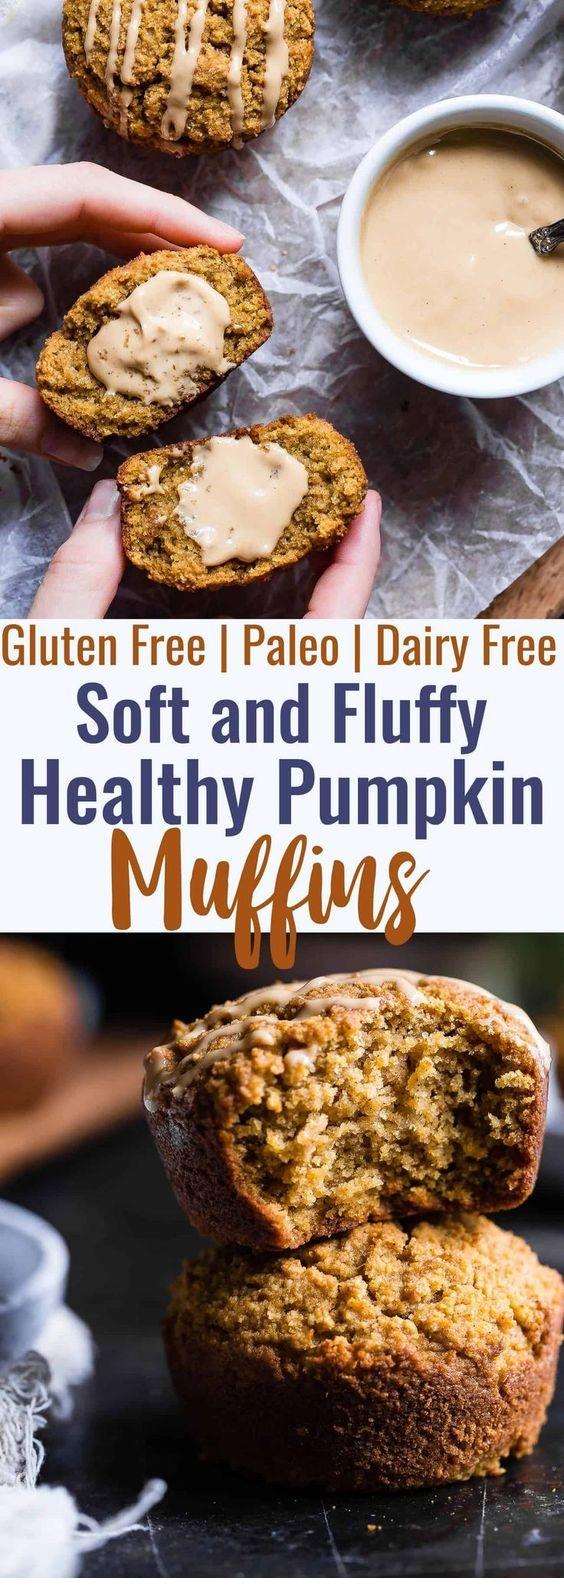 Gluten Free Paleo Pumpkin Muffins With Almond Flour